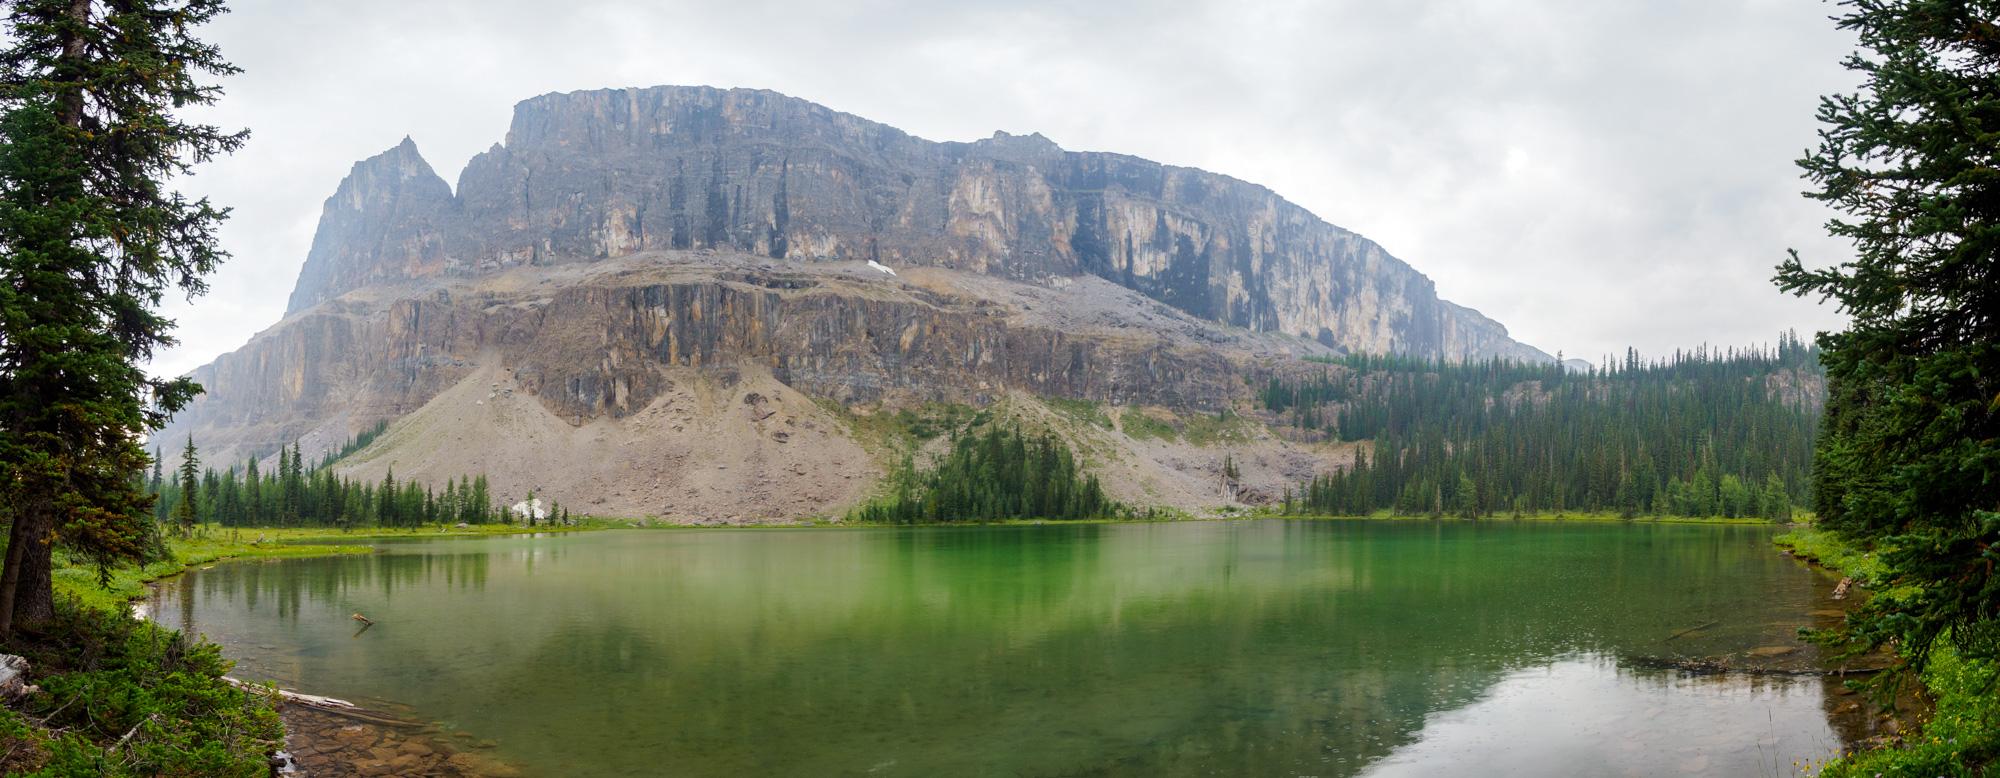 Banff Nationalpark - Tower Lake